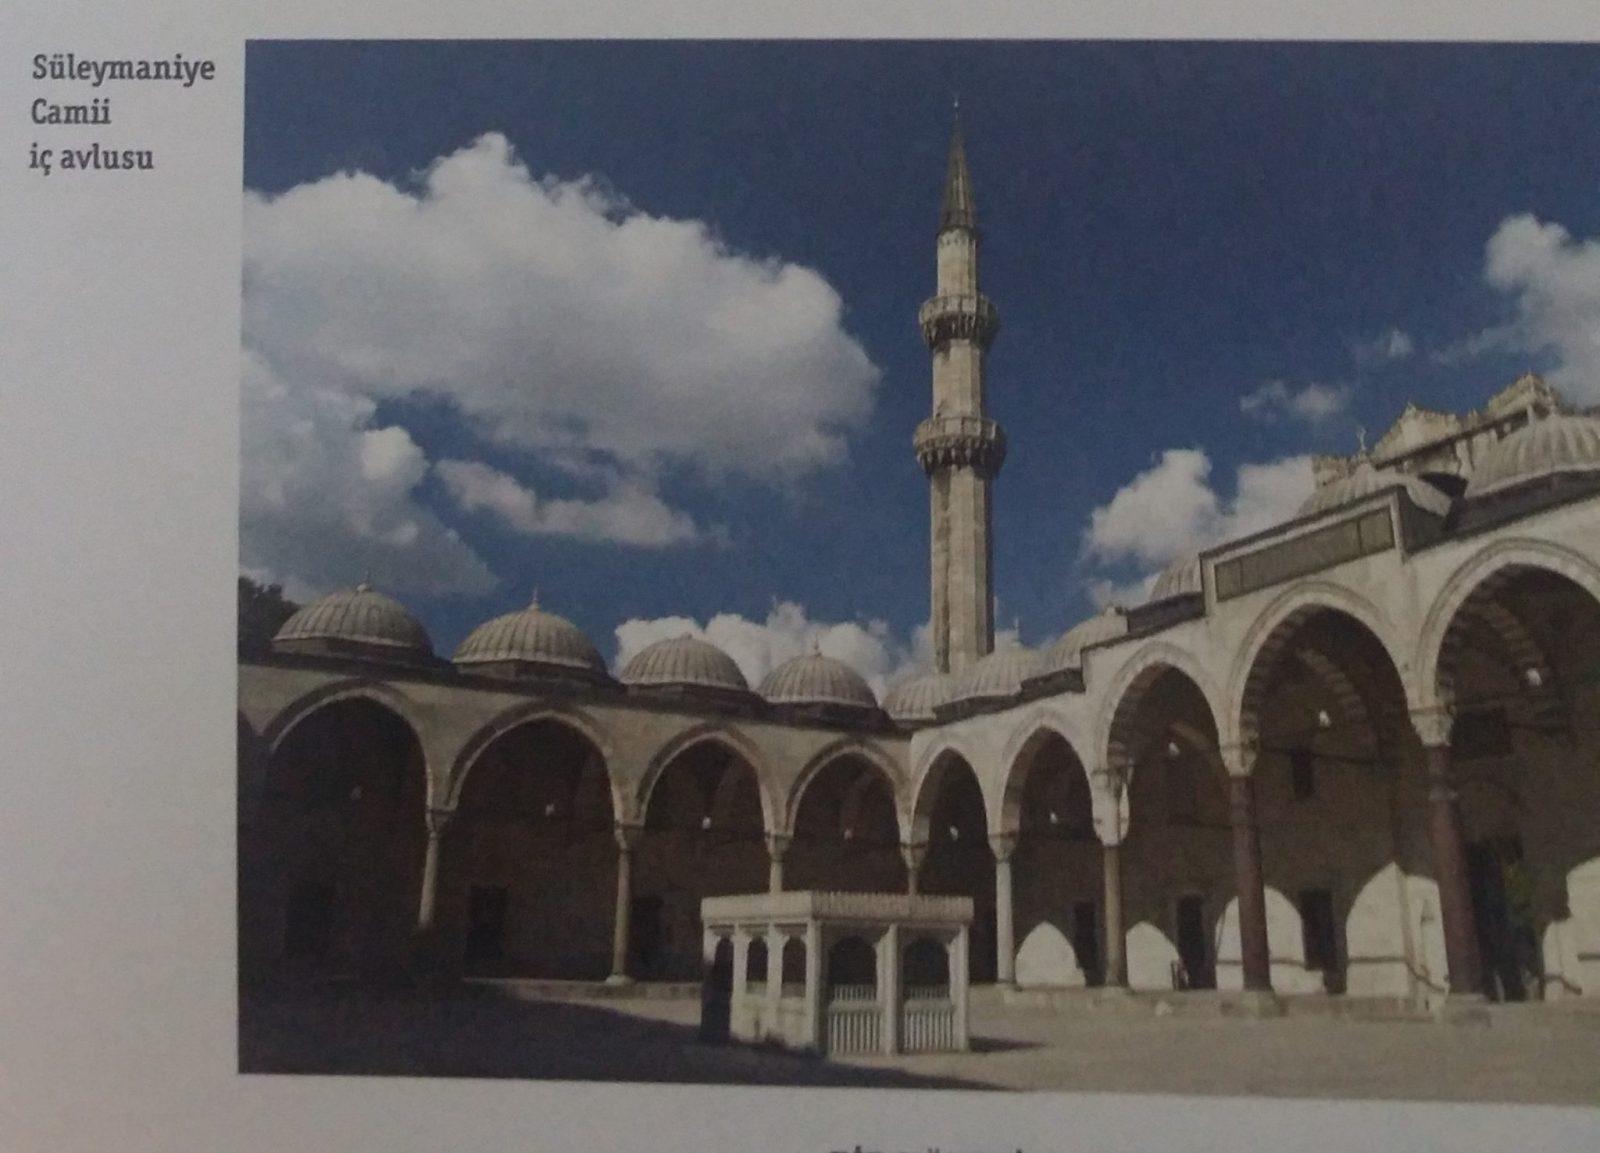 20170205_192243 (Süleymaniye Camii)Dış Mekan